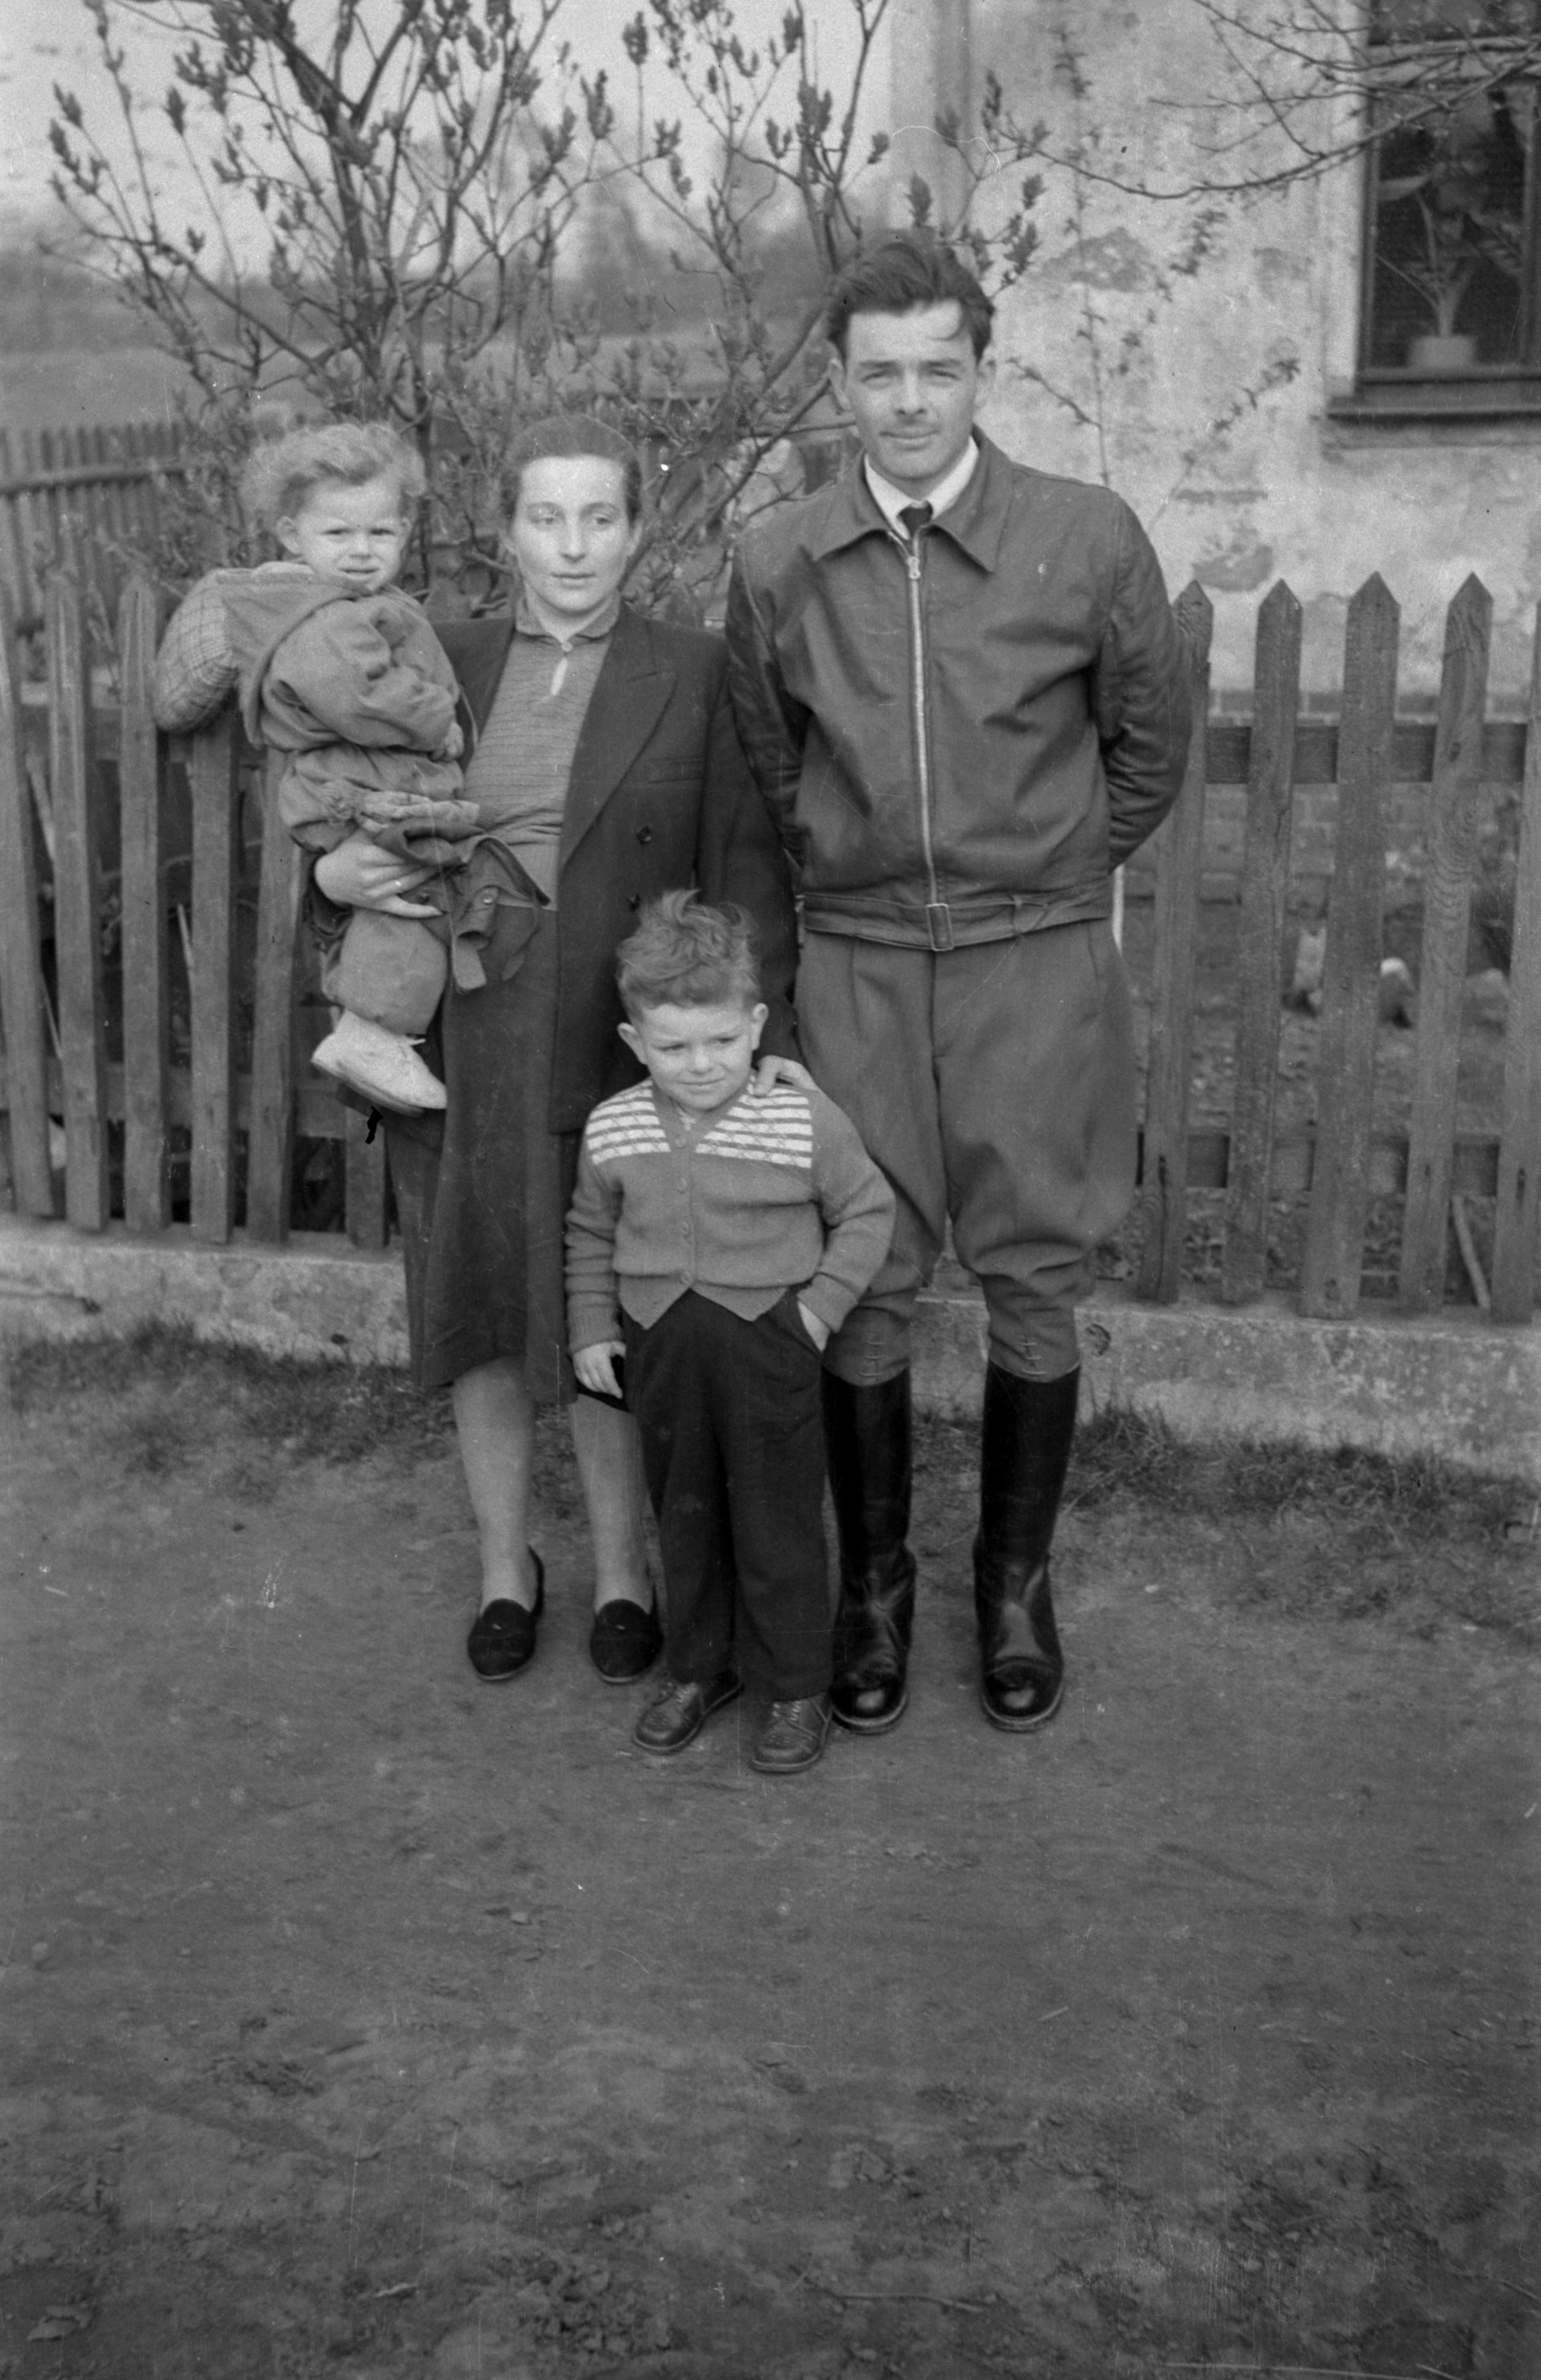 Zdjęcie rodziny Pawluków, Trzcinica Wołowska, Dolny Śląsk, lata 50. XX w.